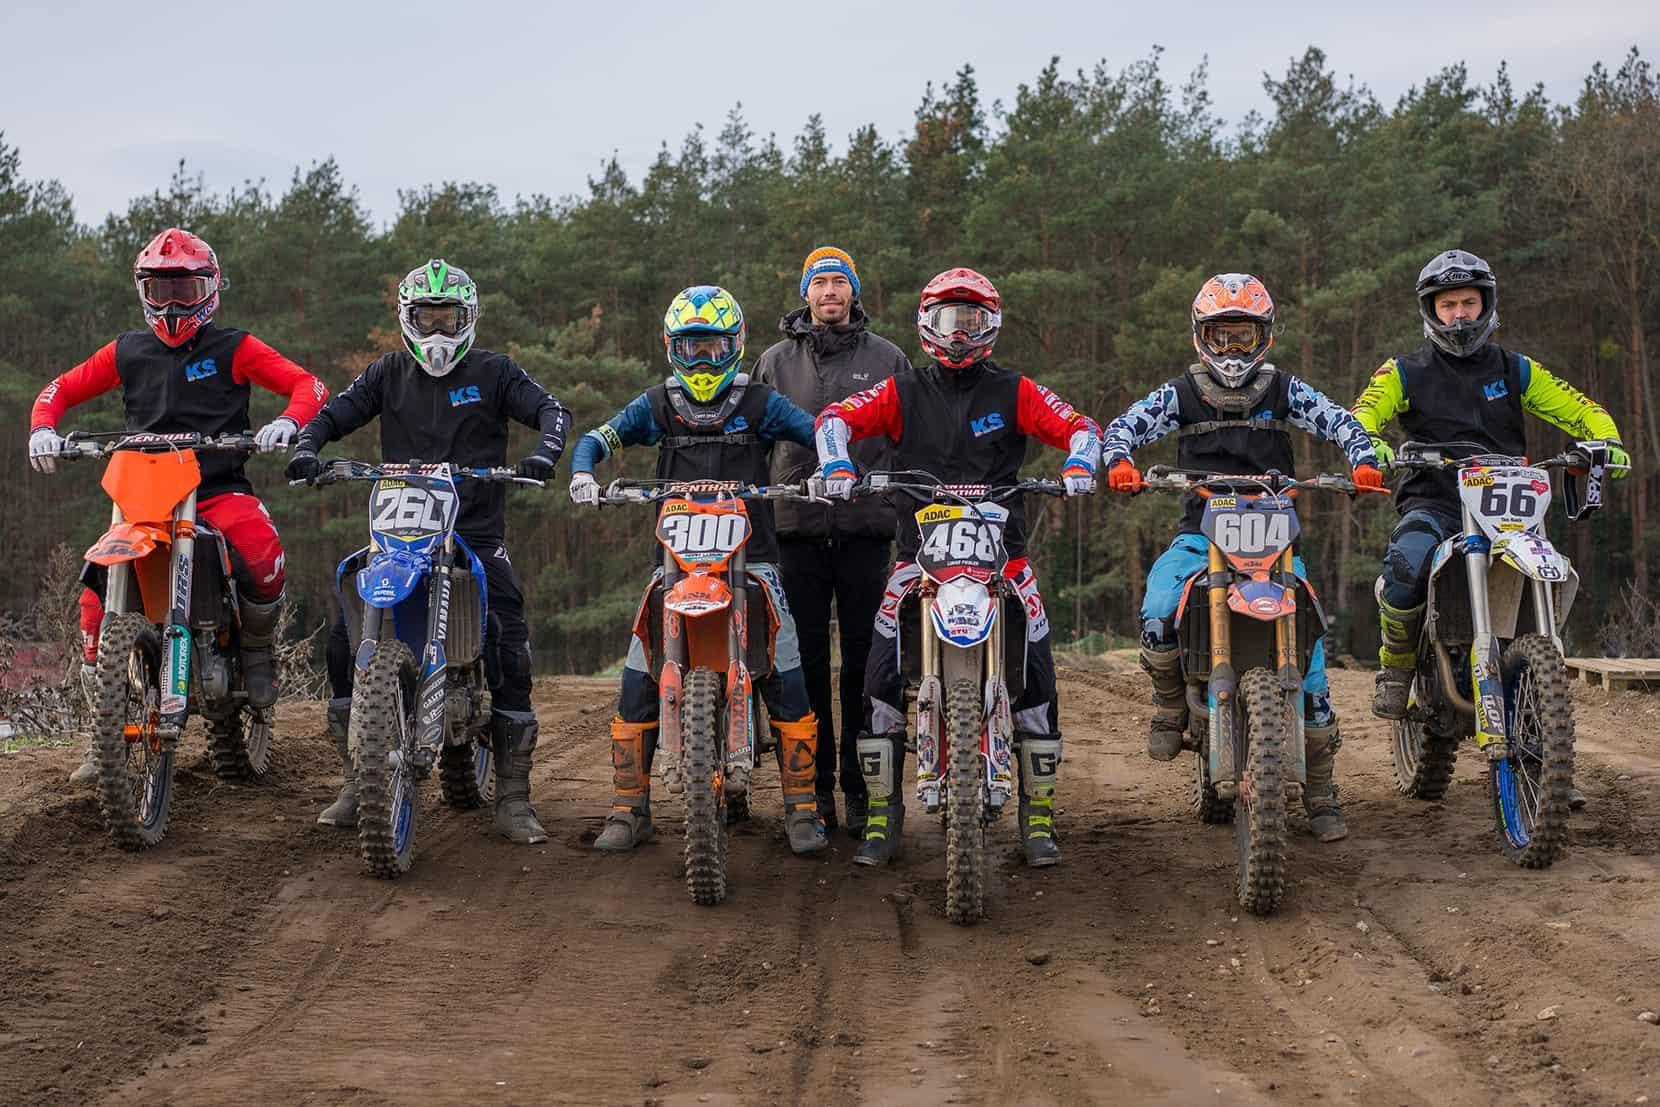 KS-Sportsworld erweitert Engagement im Motocross-Sport